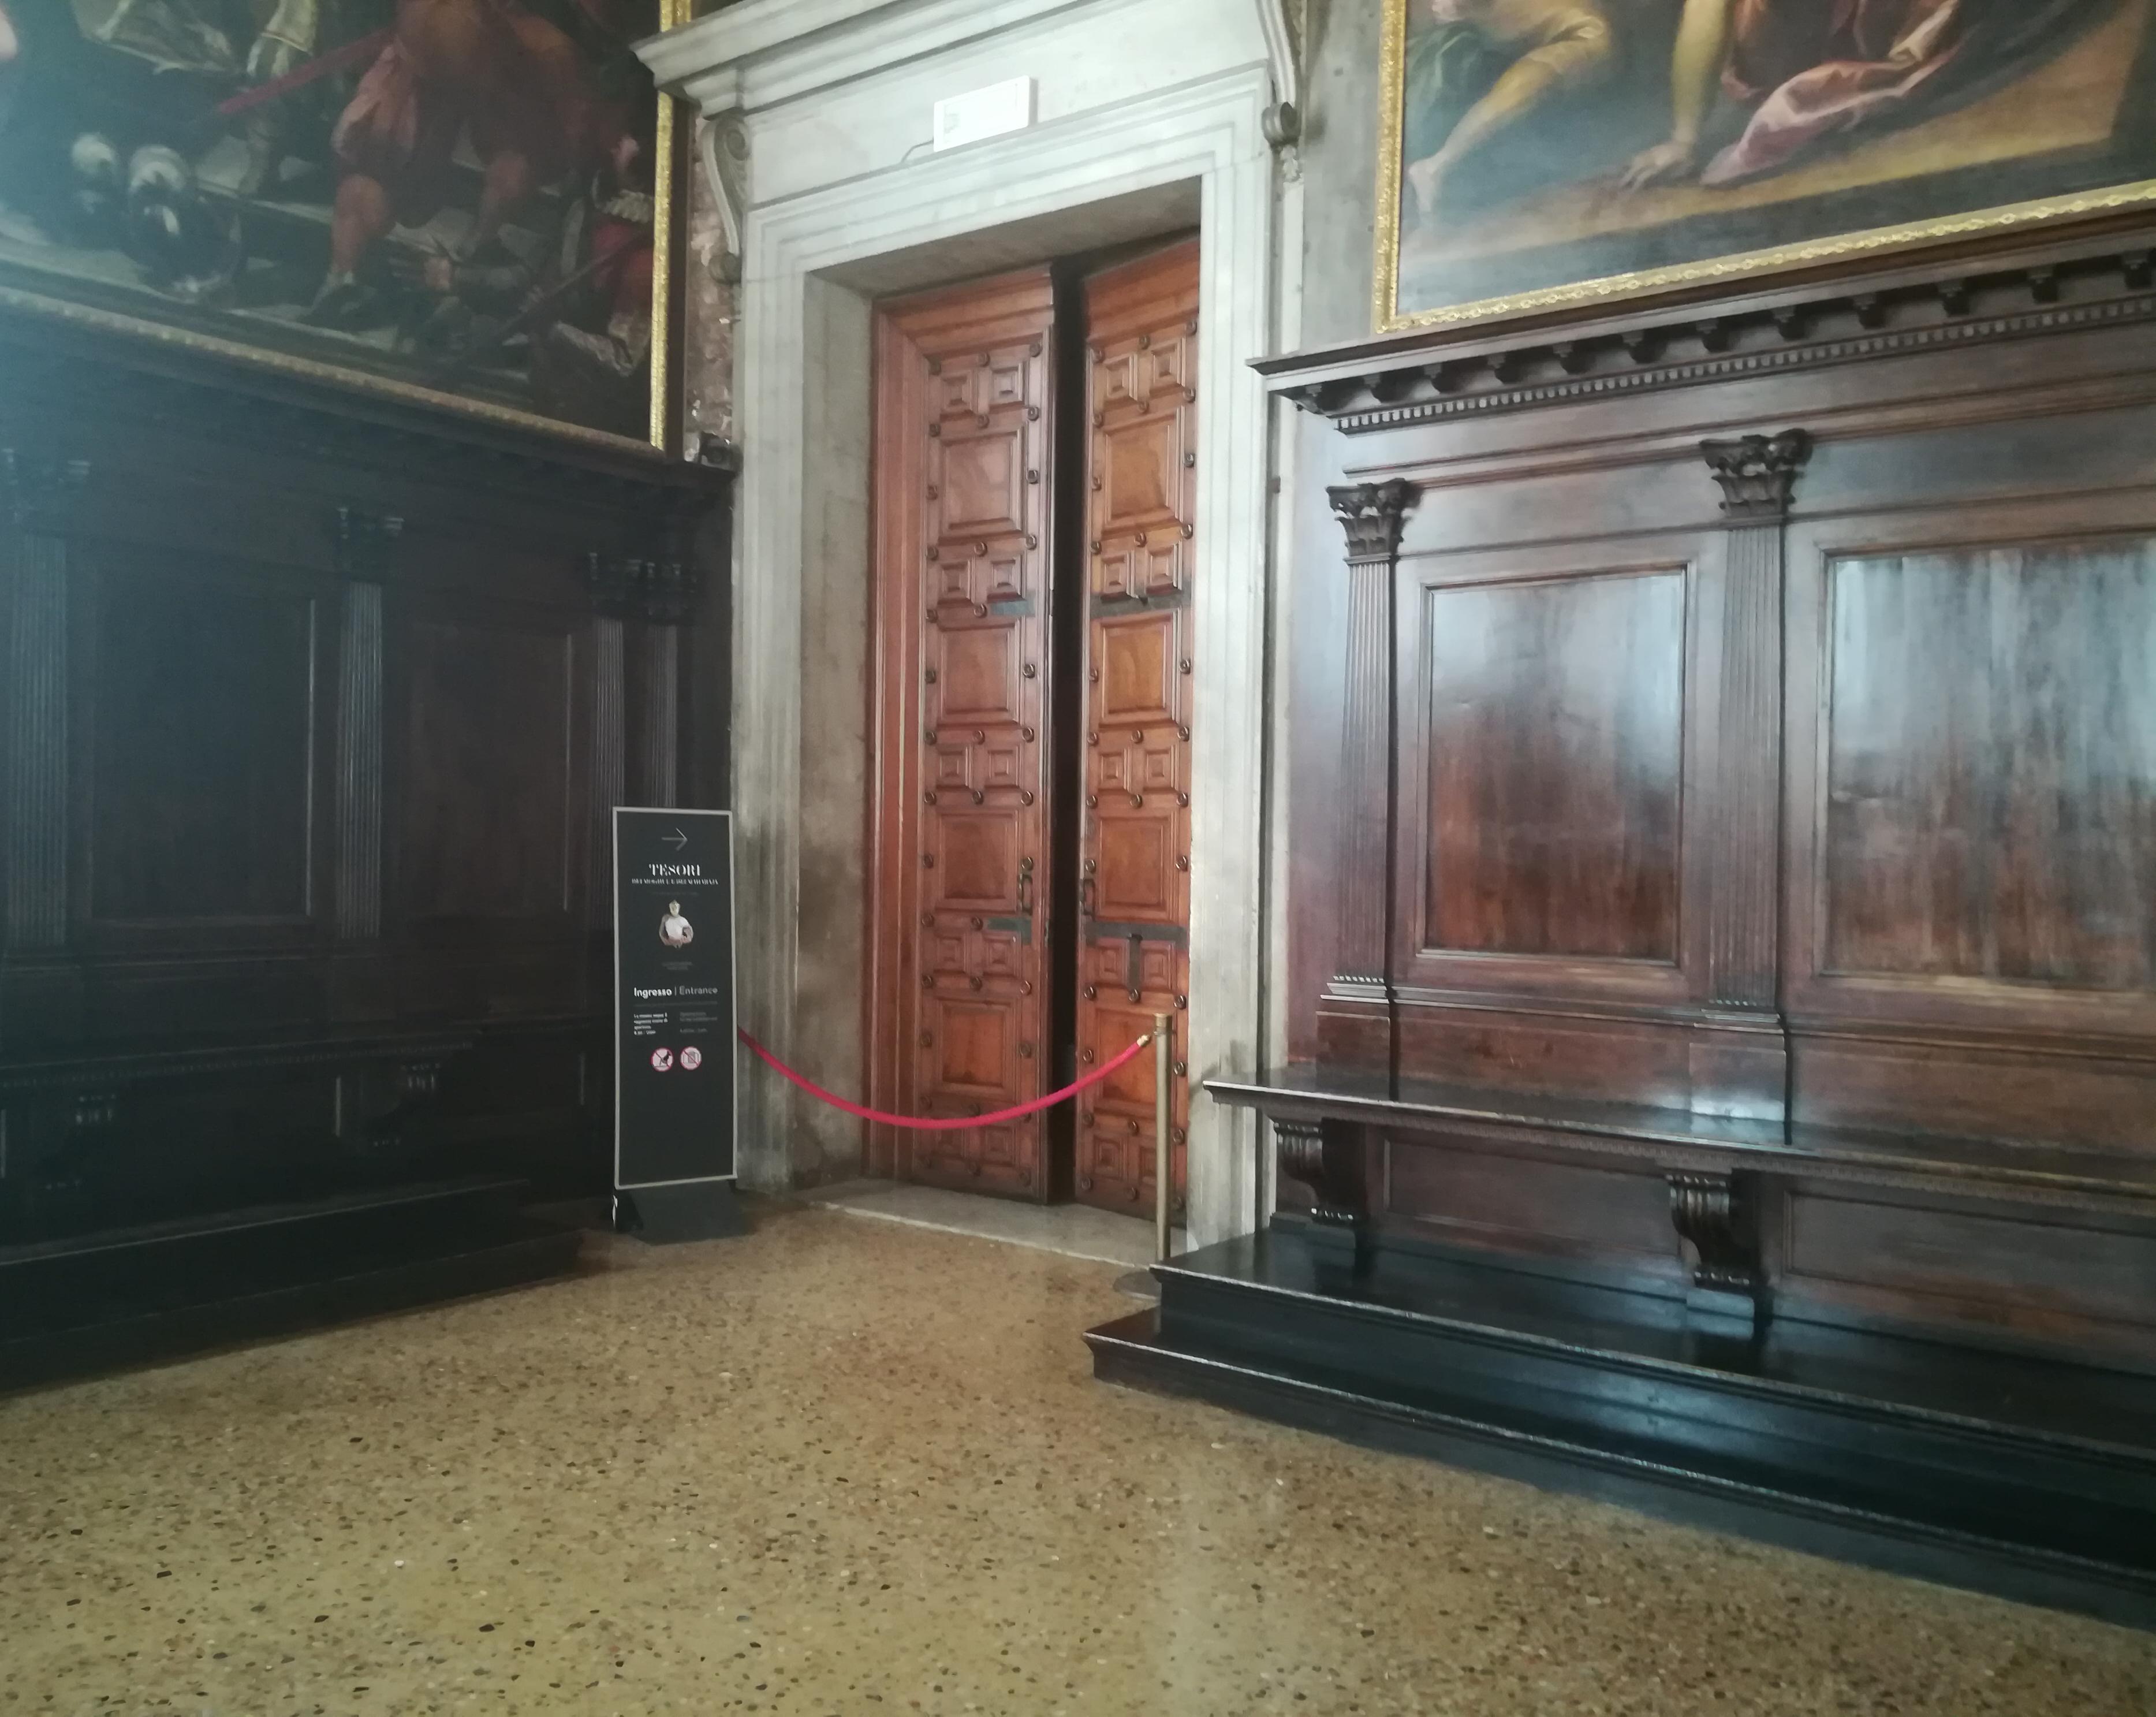 Venezia rubati gioielli in mostra a palazzo ducale for Mostra cina palazzo venezia